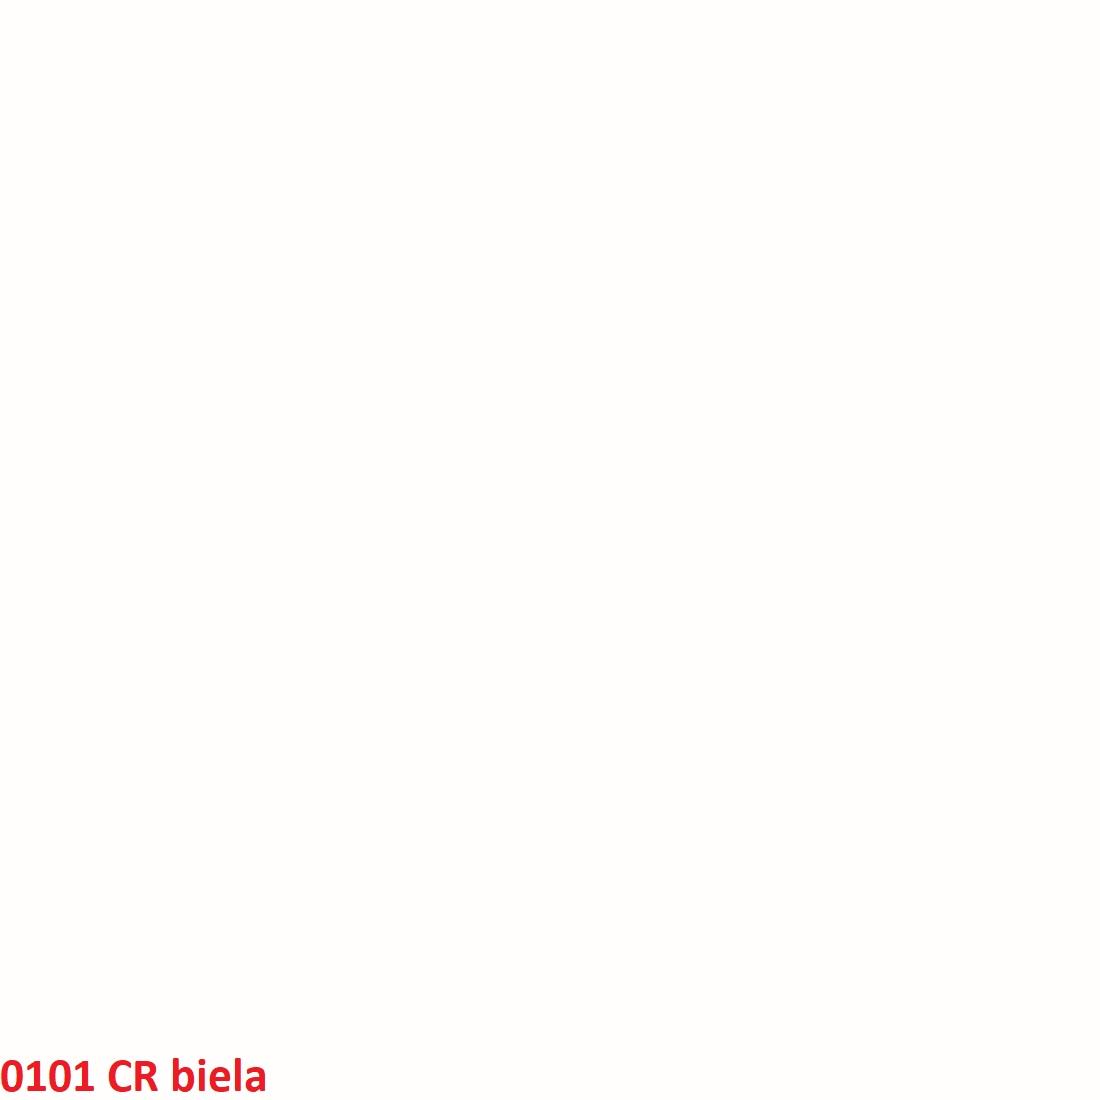 ArtExt Pracovná doska - 38 mm 38 mm: Biela CR 0101